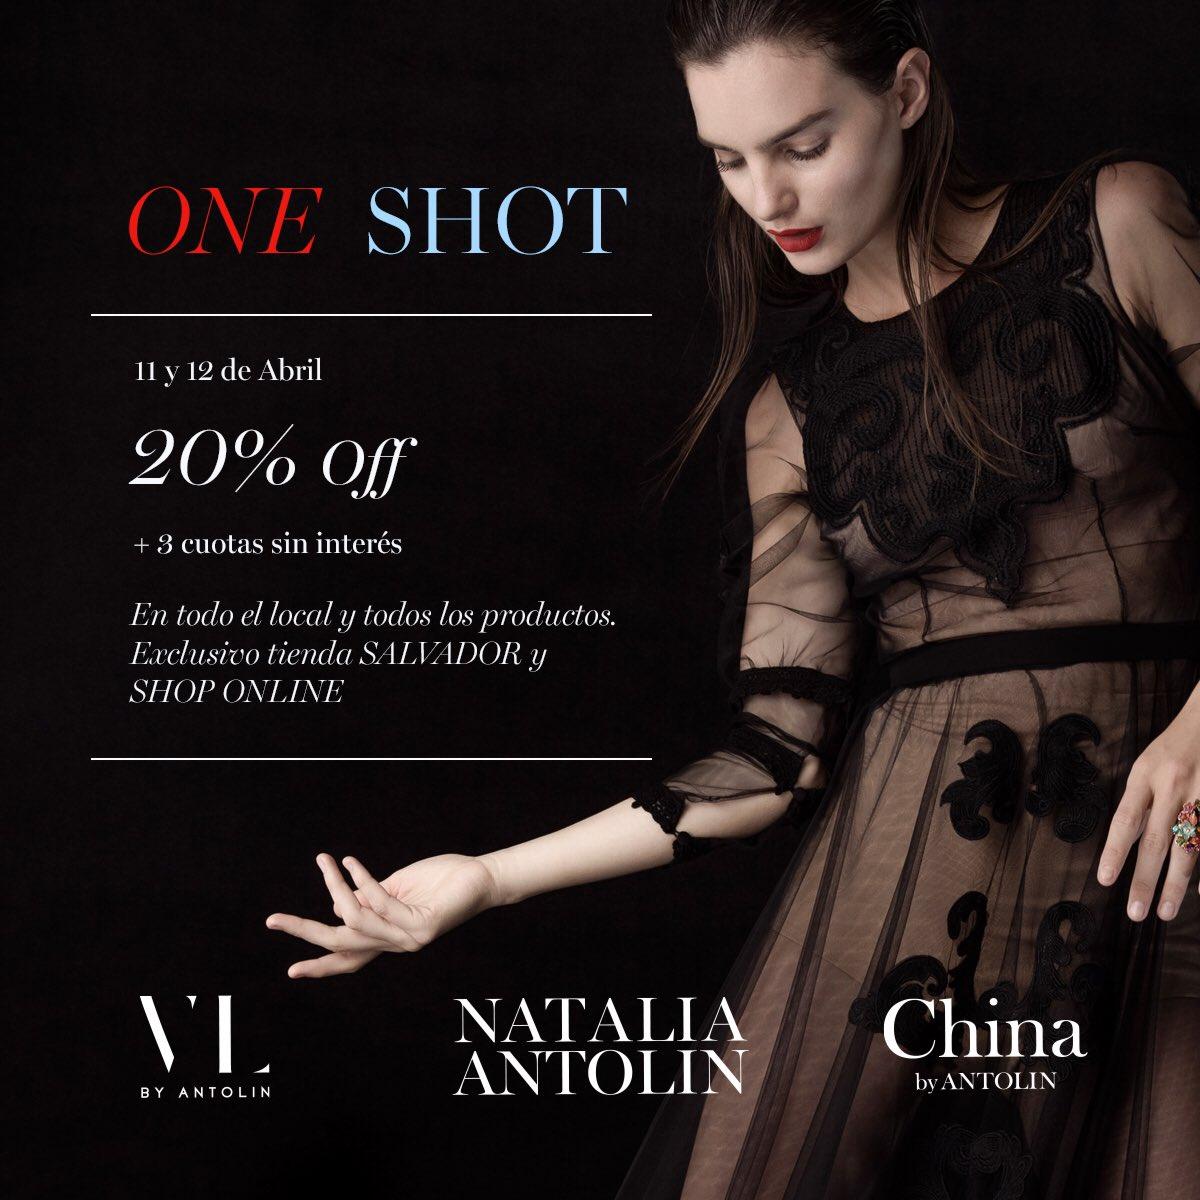 ONE SHOT ✨ El jueves 11 y viernes 12 de abril disfrutá de un 20% OFF y hasta 3 cuotas sin interés en todas nuestras colecciones en Shop Online y nuestra tienda exclusiva de Palermo. https://t.co/NIw8NCflyR